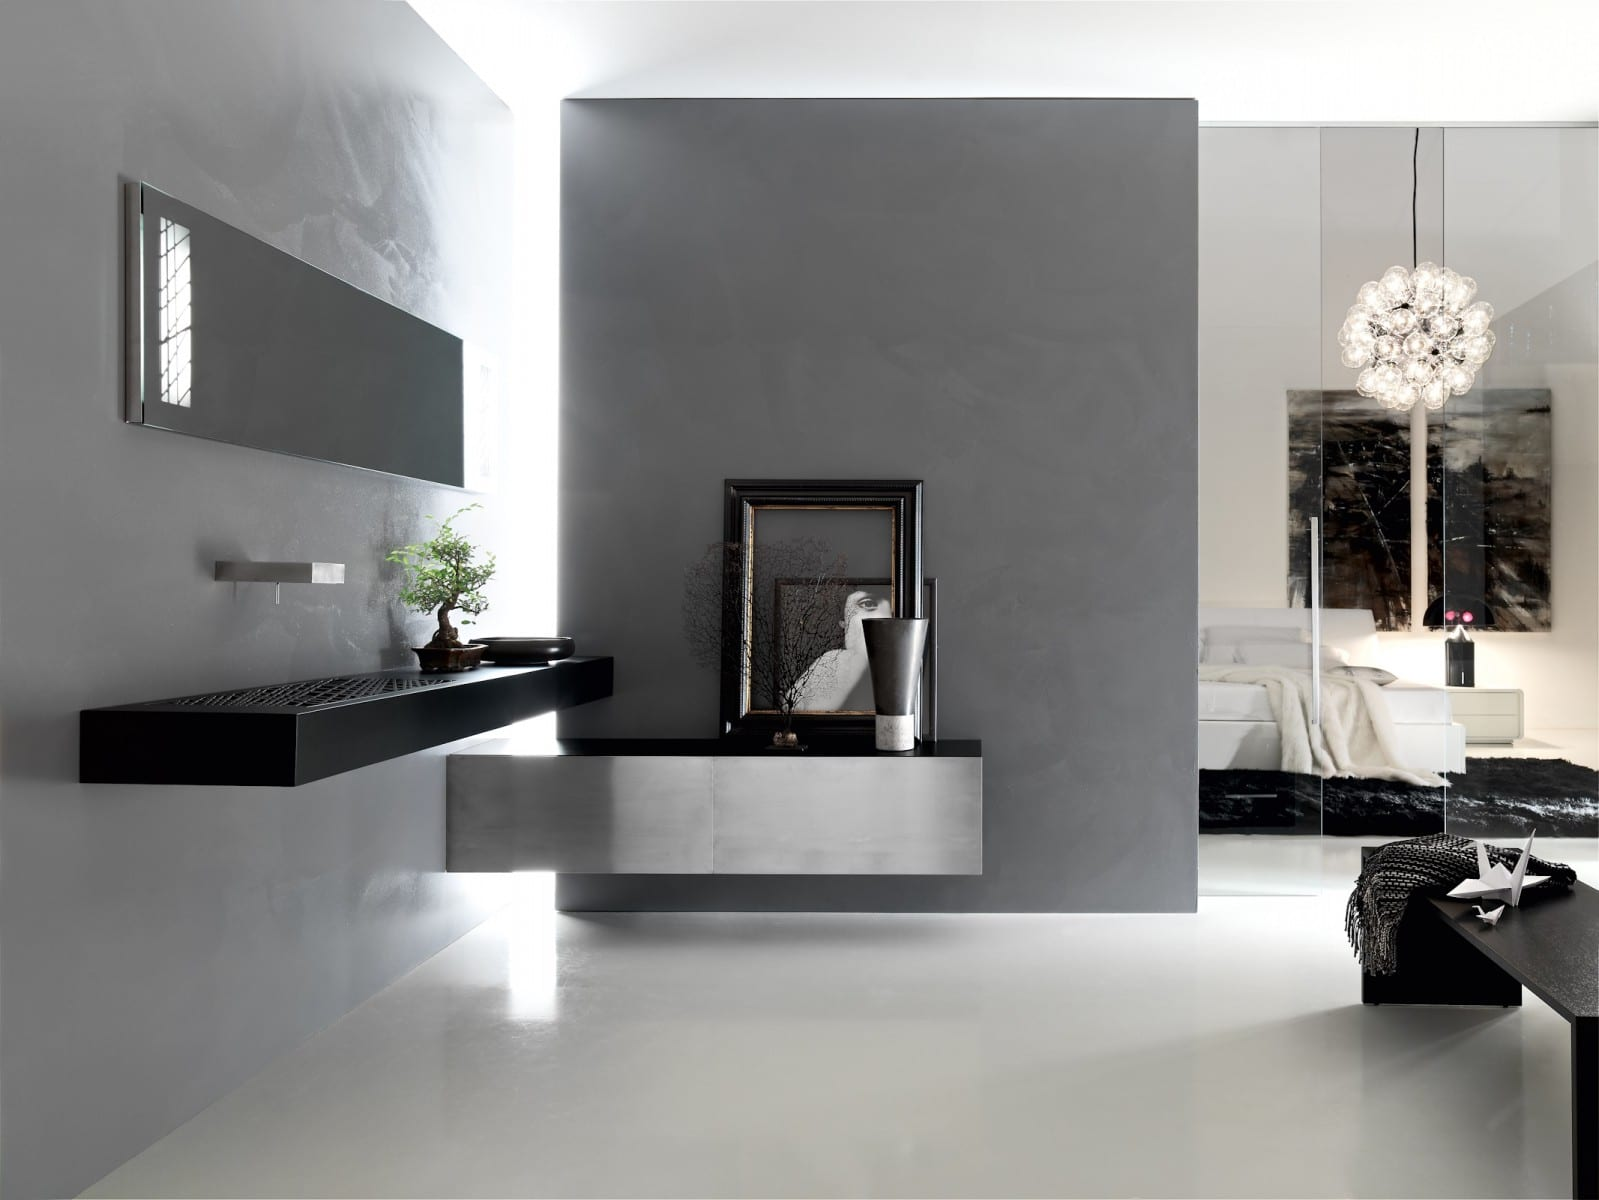 Dise o de cuartos de ba o modernos fotos construye hogar - Ver fotos de cuartos de banos modernos ...